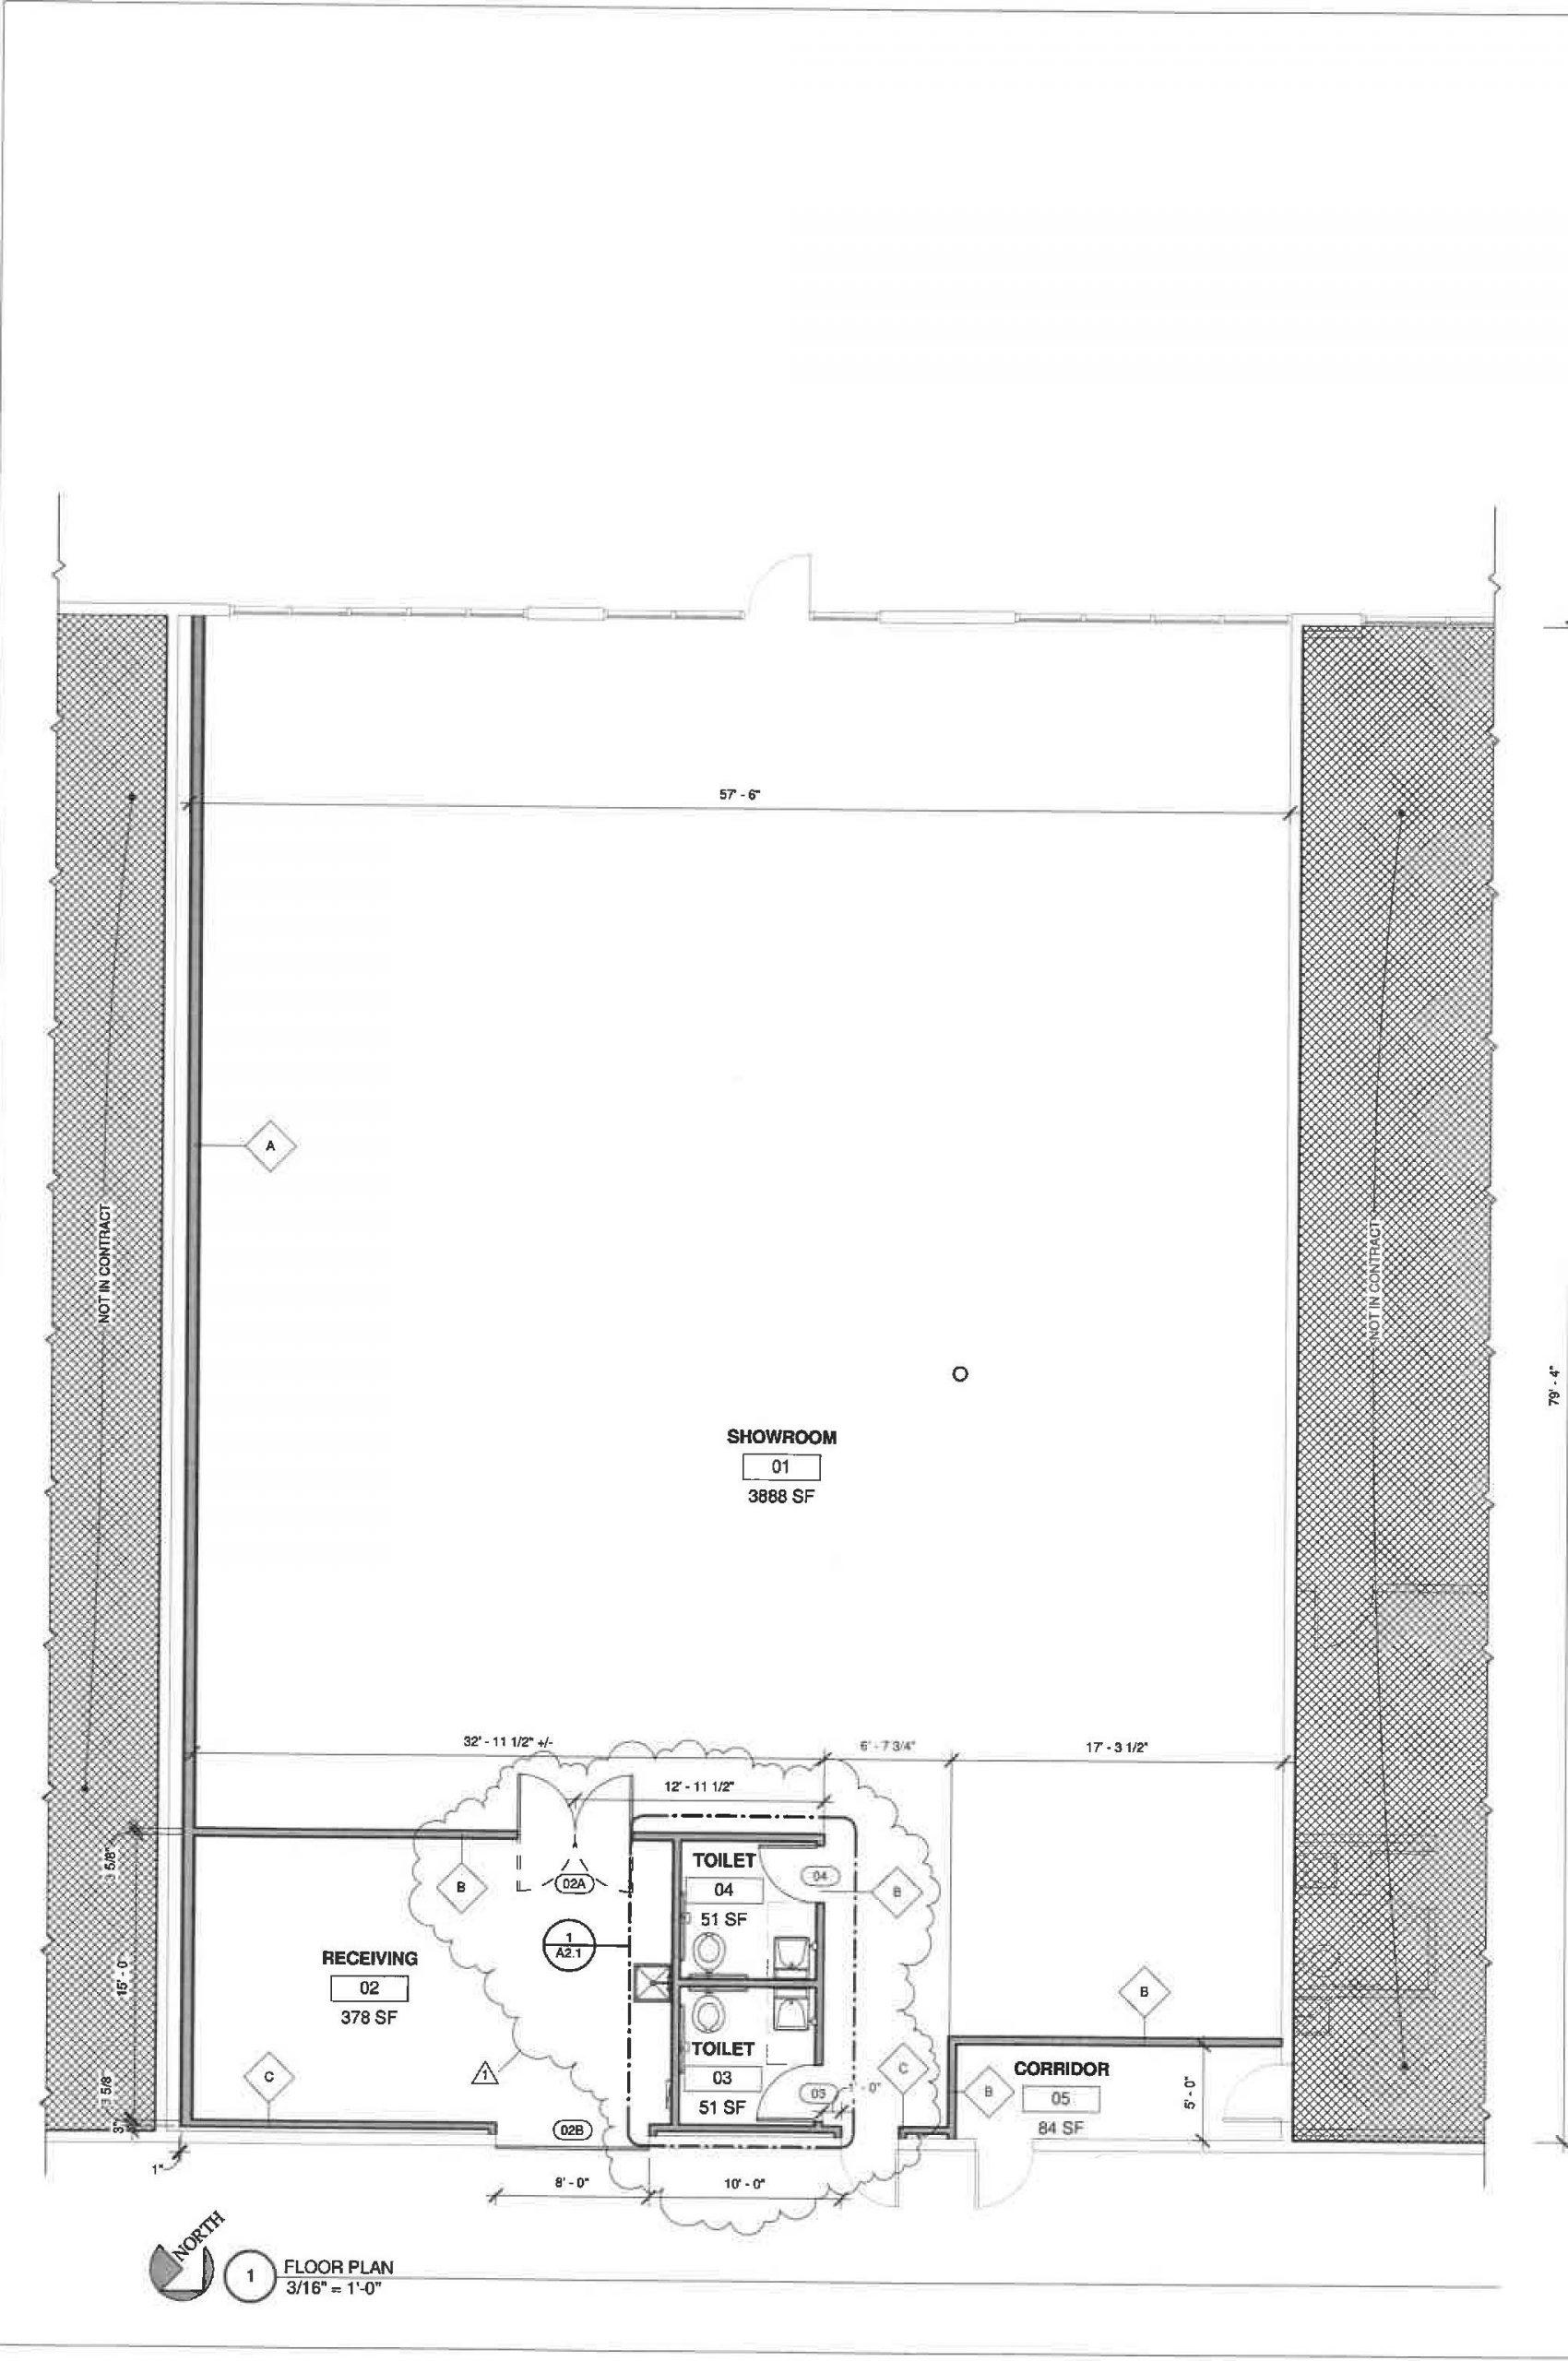 Prewitt's Point Unit 4-4,474 SF